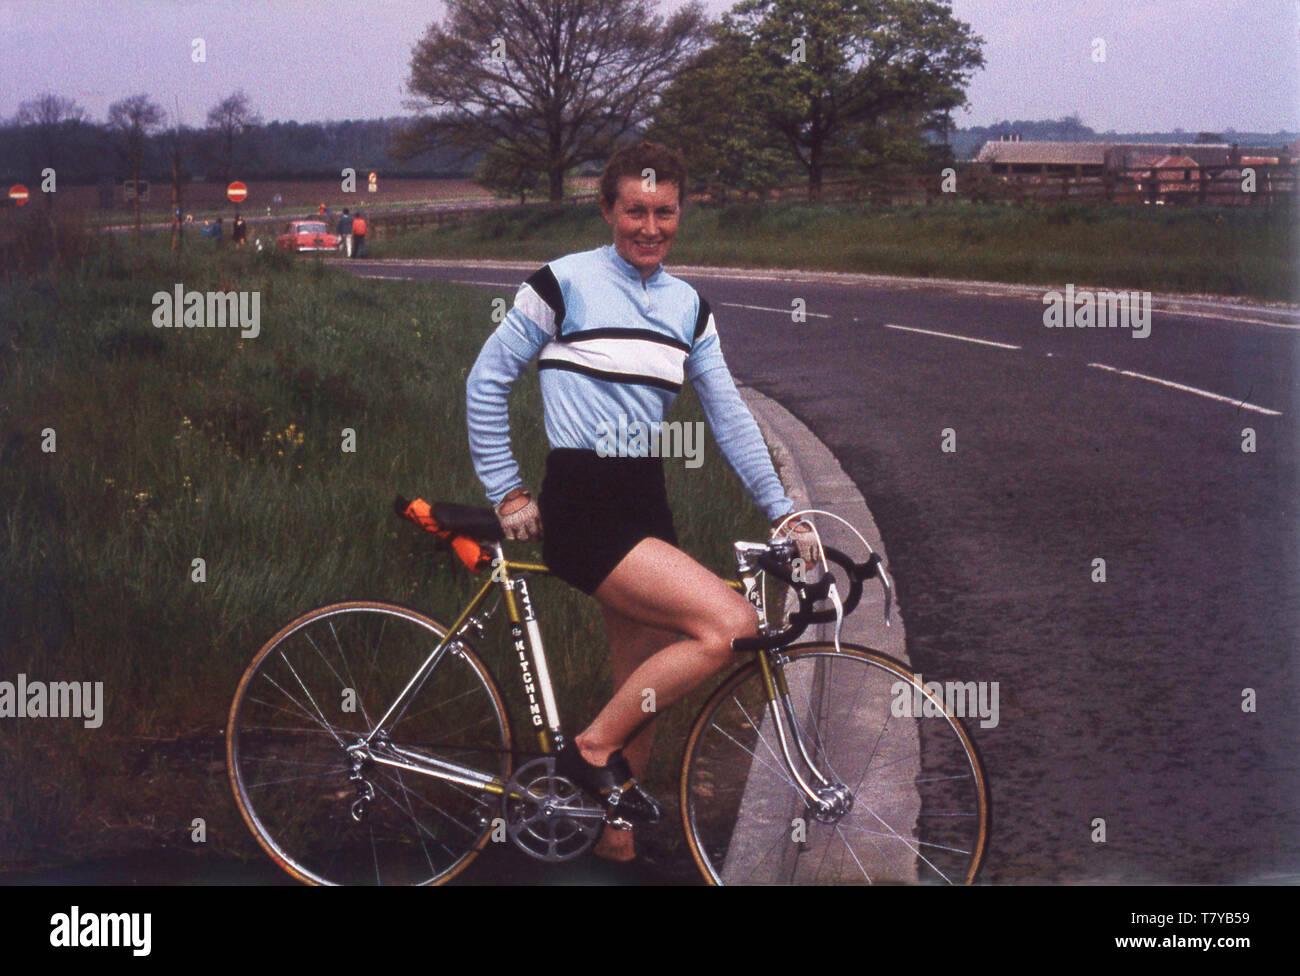 Années 1960, historique, la légende du vélo, Beryl Burton dans son Morley CC couleurs sur son vélo, England, UK. Considéré par beaucoup comme le plus grand cycliste féminin Grande-bretagne jamais eu, elle est restée une cycist amateur toute sa vie. Banque D'Images